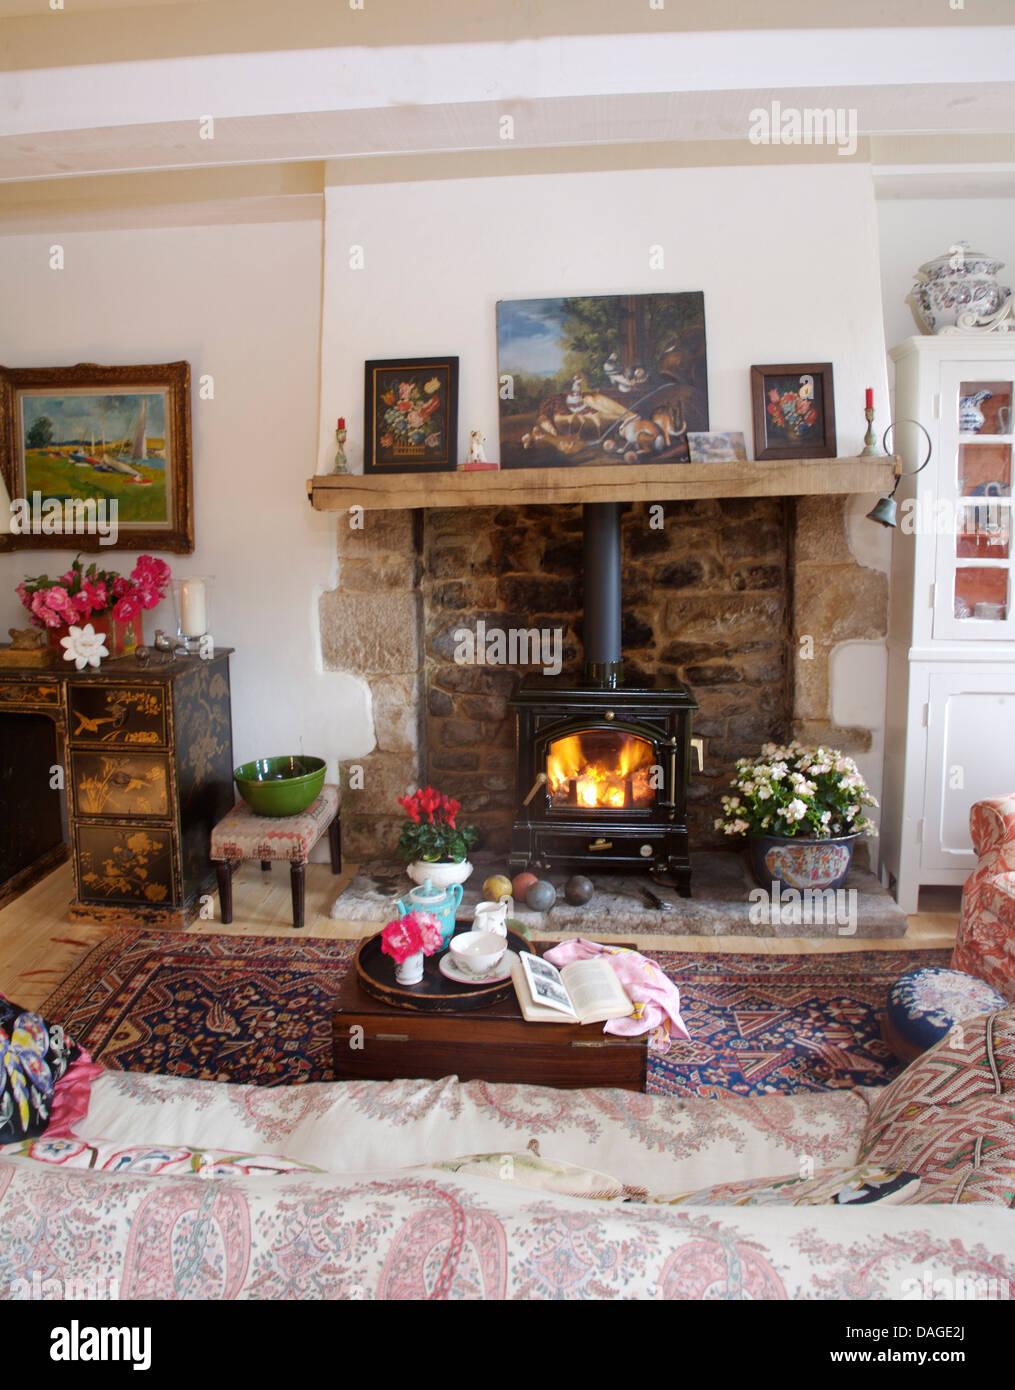 Bilder Auf Holz Kaminsims über Dem Kamin Mit Beleuchteten Holzofen Im  Wohnzimmer Cottage